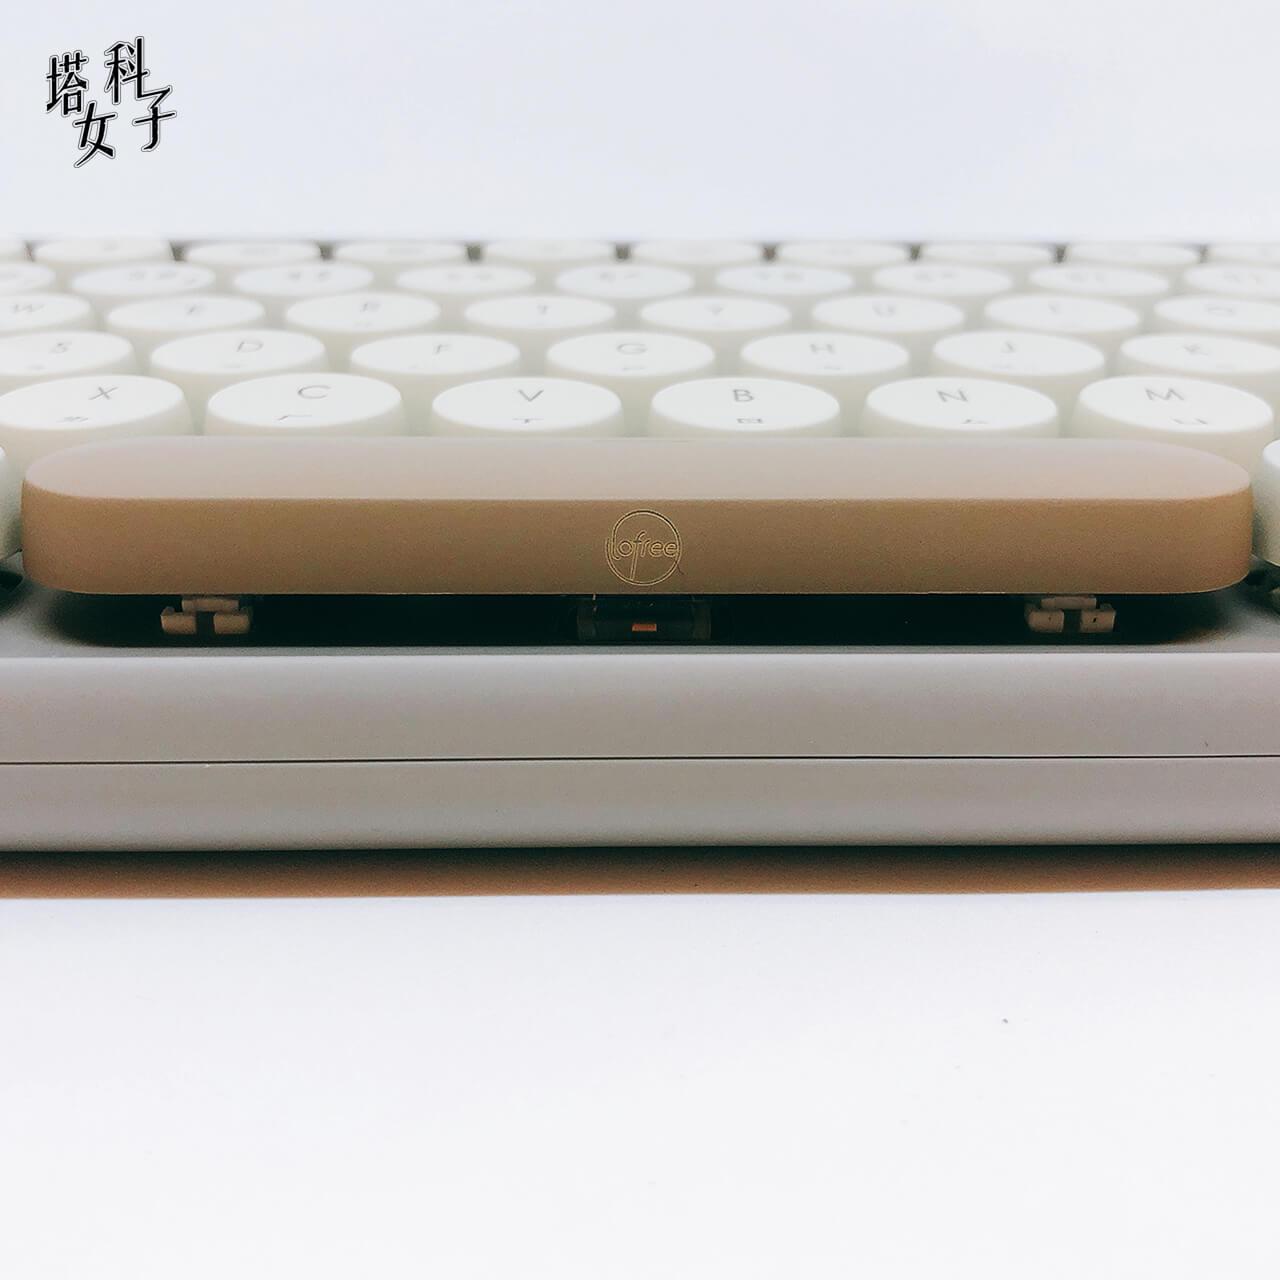 打字機鍵盤 Lofree - 青軸